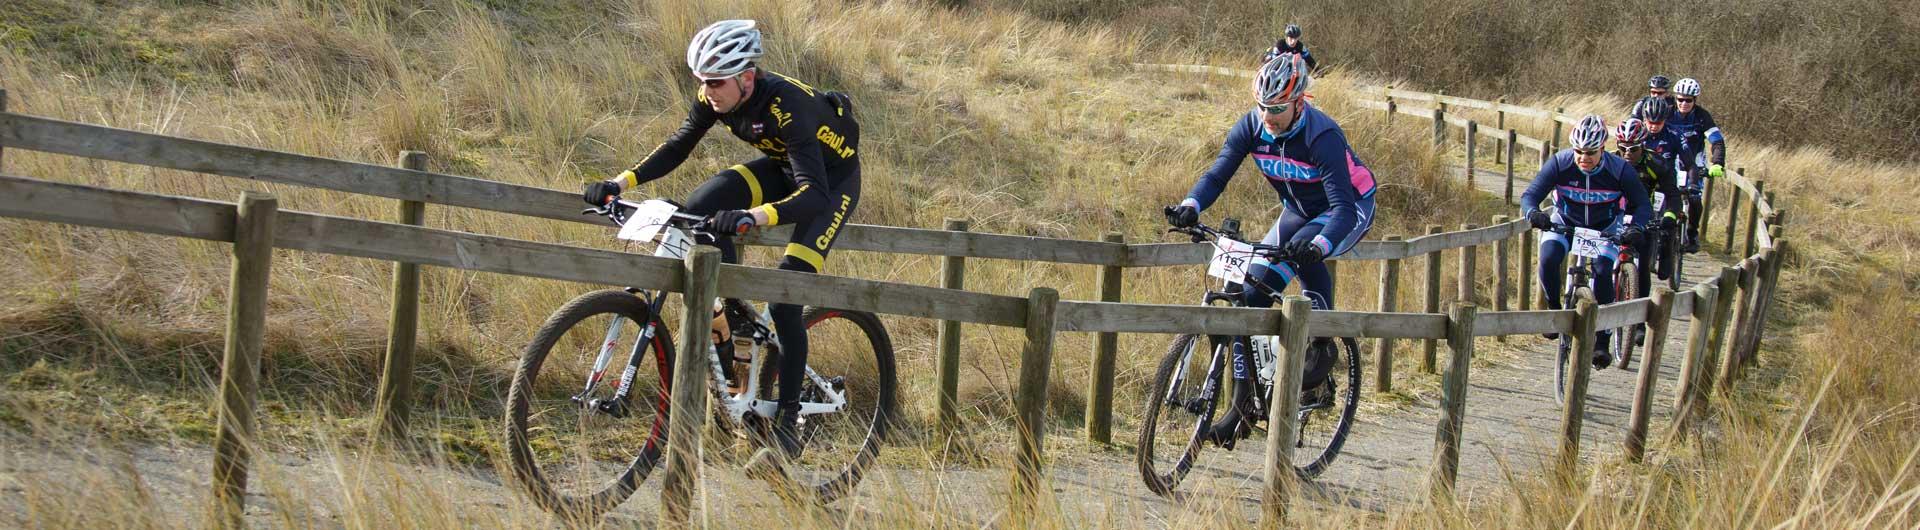 MTB Ameland persbericht: Mountainbikers uphill in de duinen van Ameland